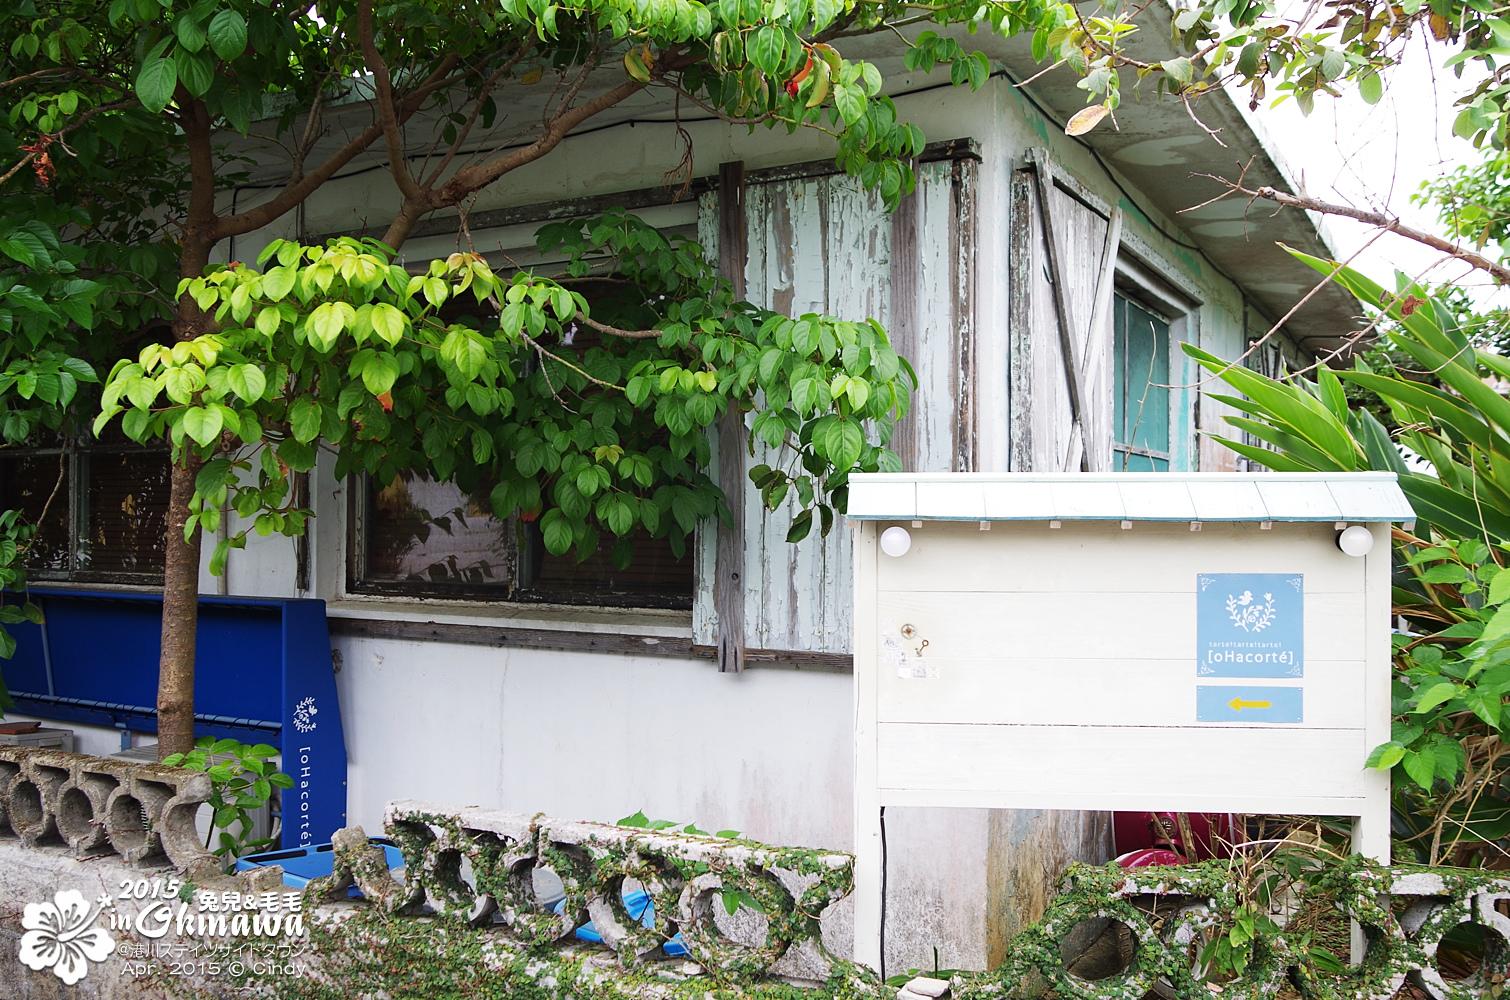 2015-0407-港川外人住宅-19.jpg